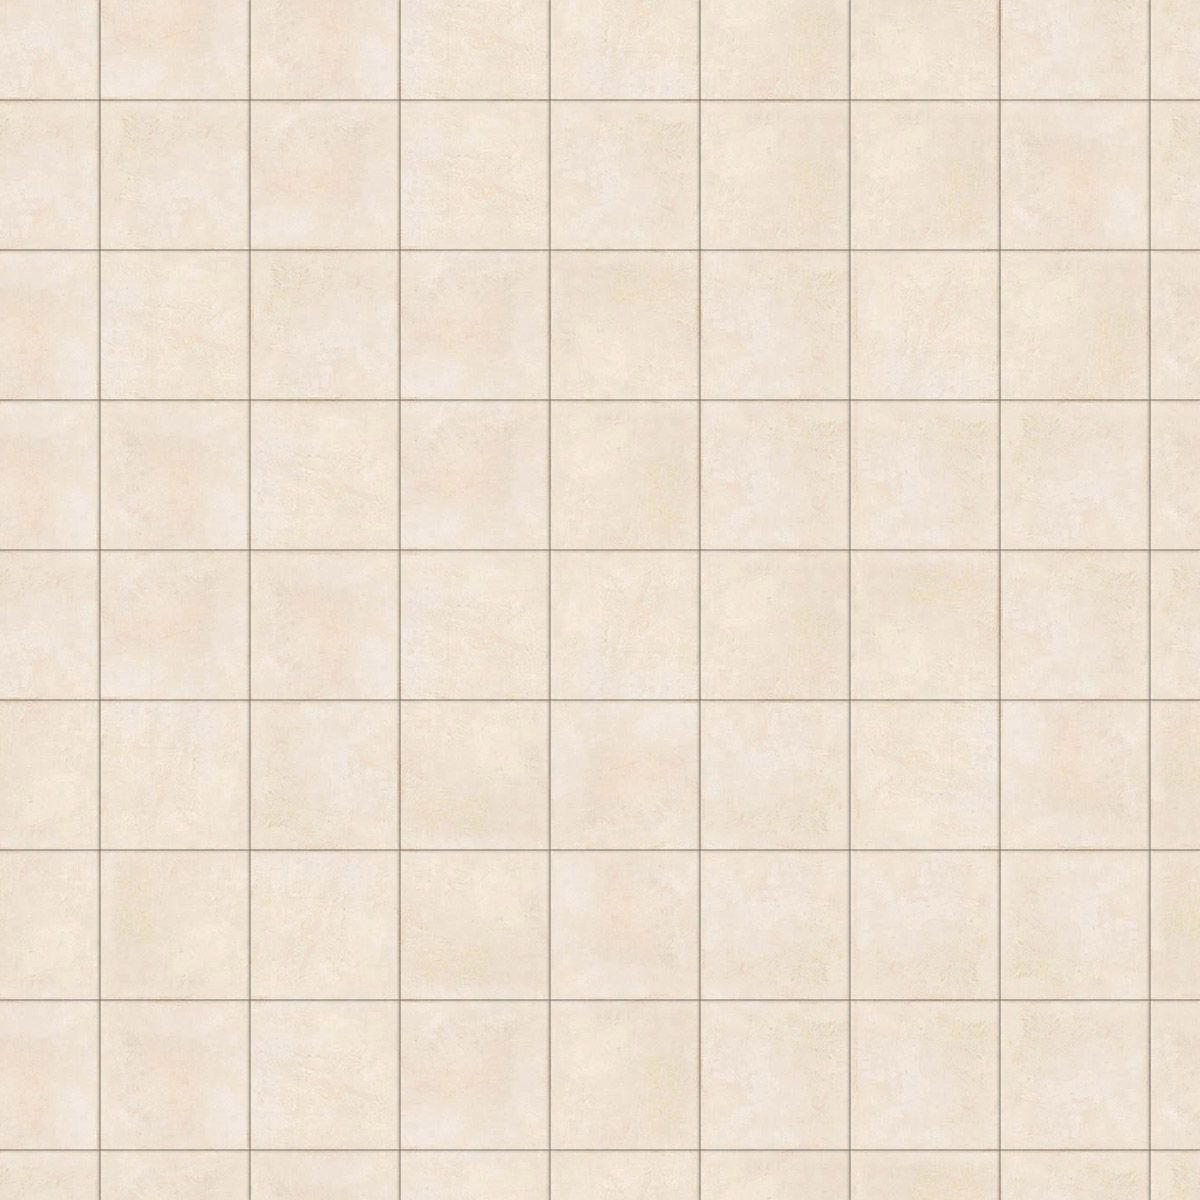 modern tile floor texture. Modern Tile Floor Texture Design Decorating 920542 Ideas